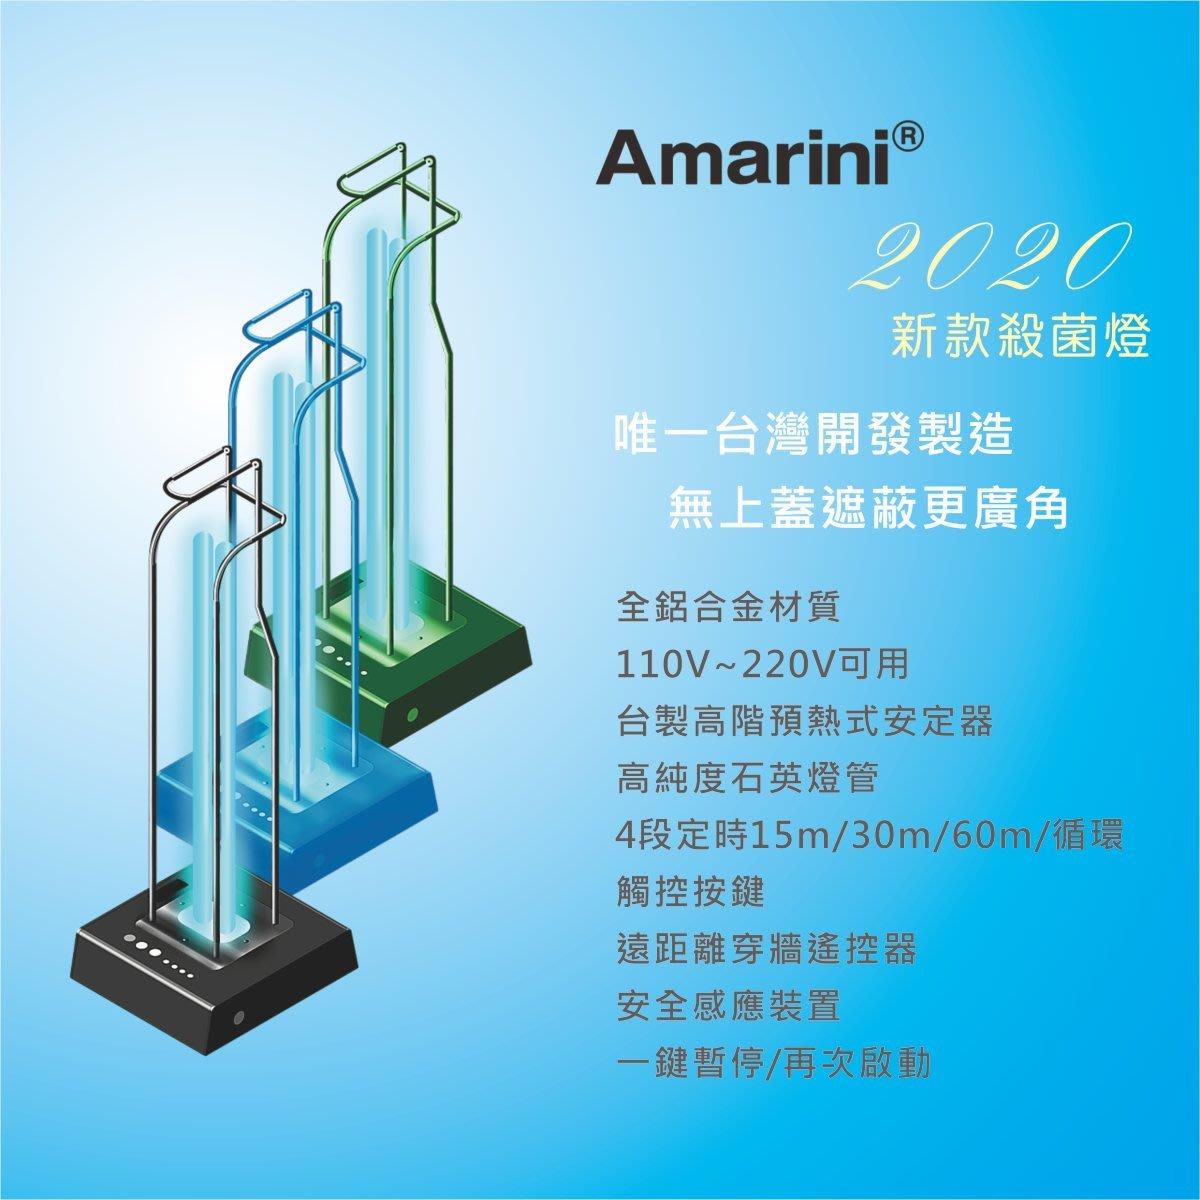 60W-UVC紫外線殺菌燈/消毒燈~唯一台灣製造,2組合購優惠、免運費